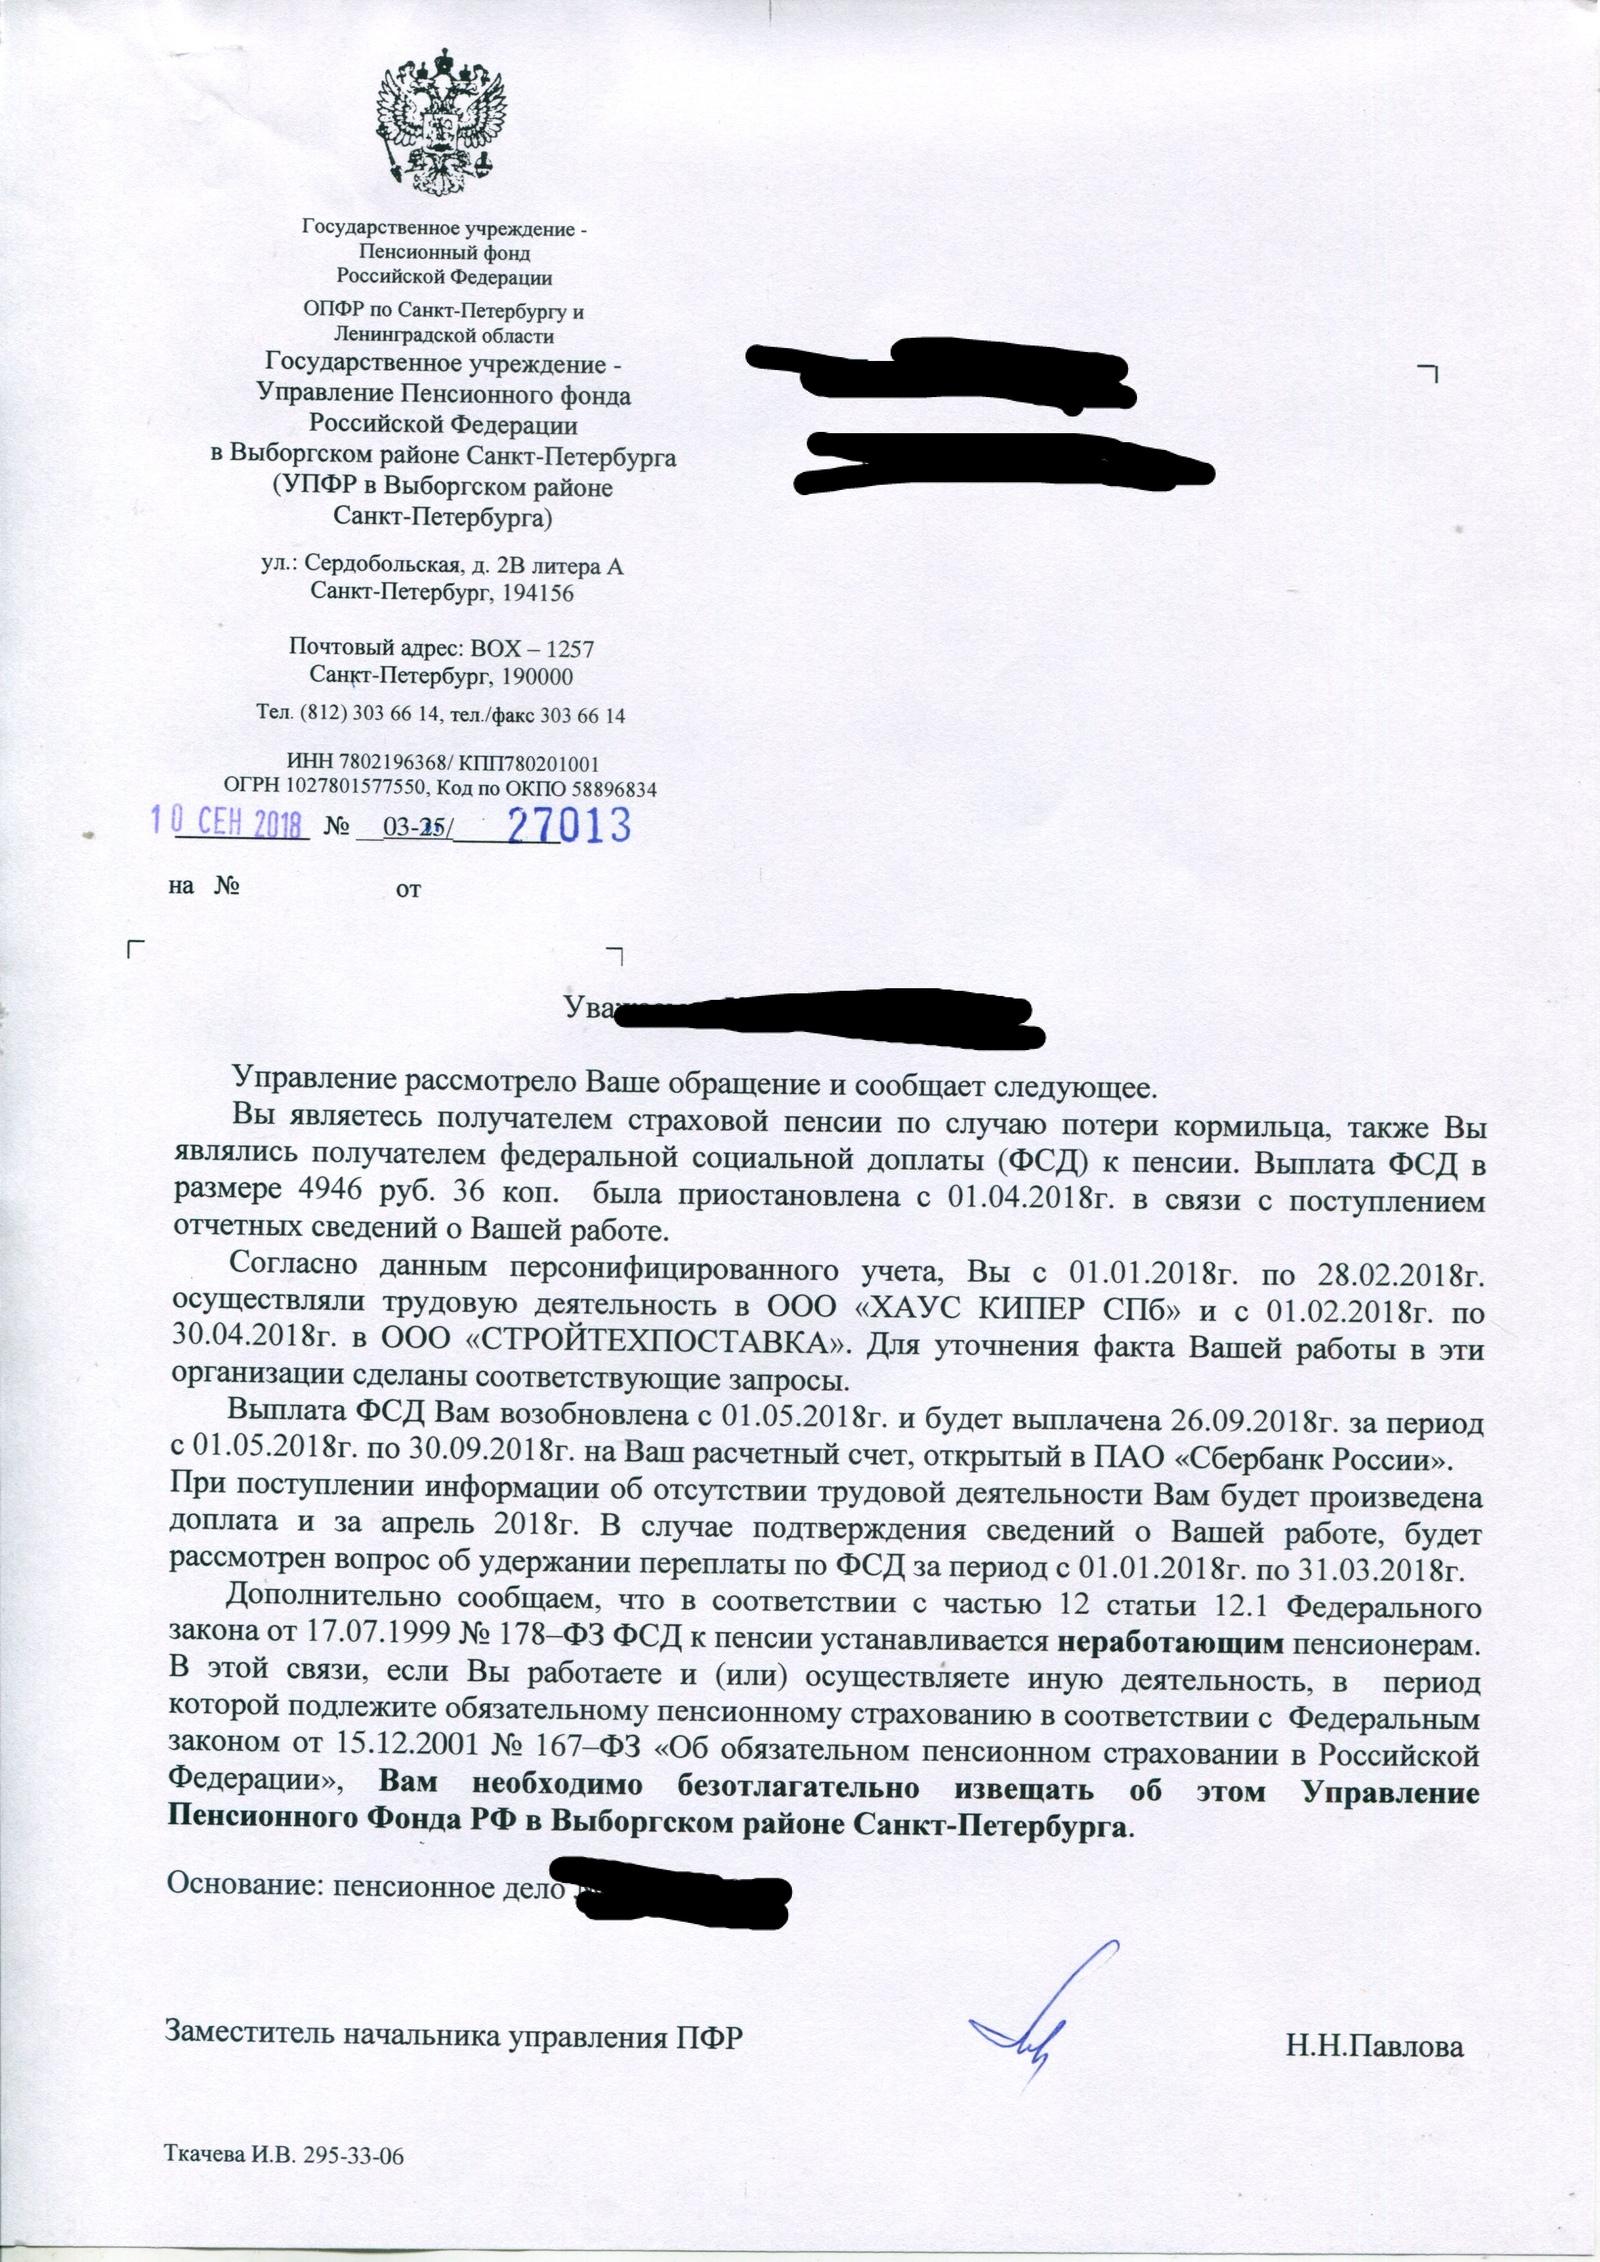 юридическая консультация по пенсиям в спб